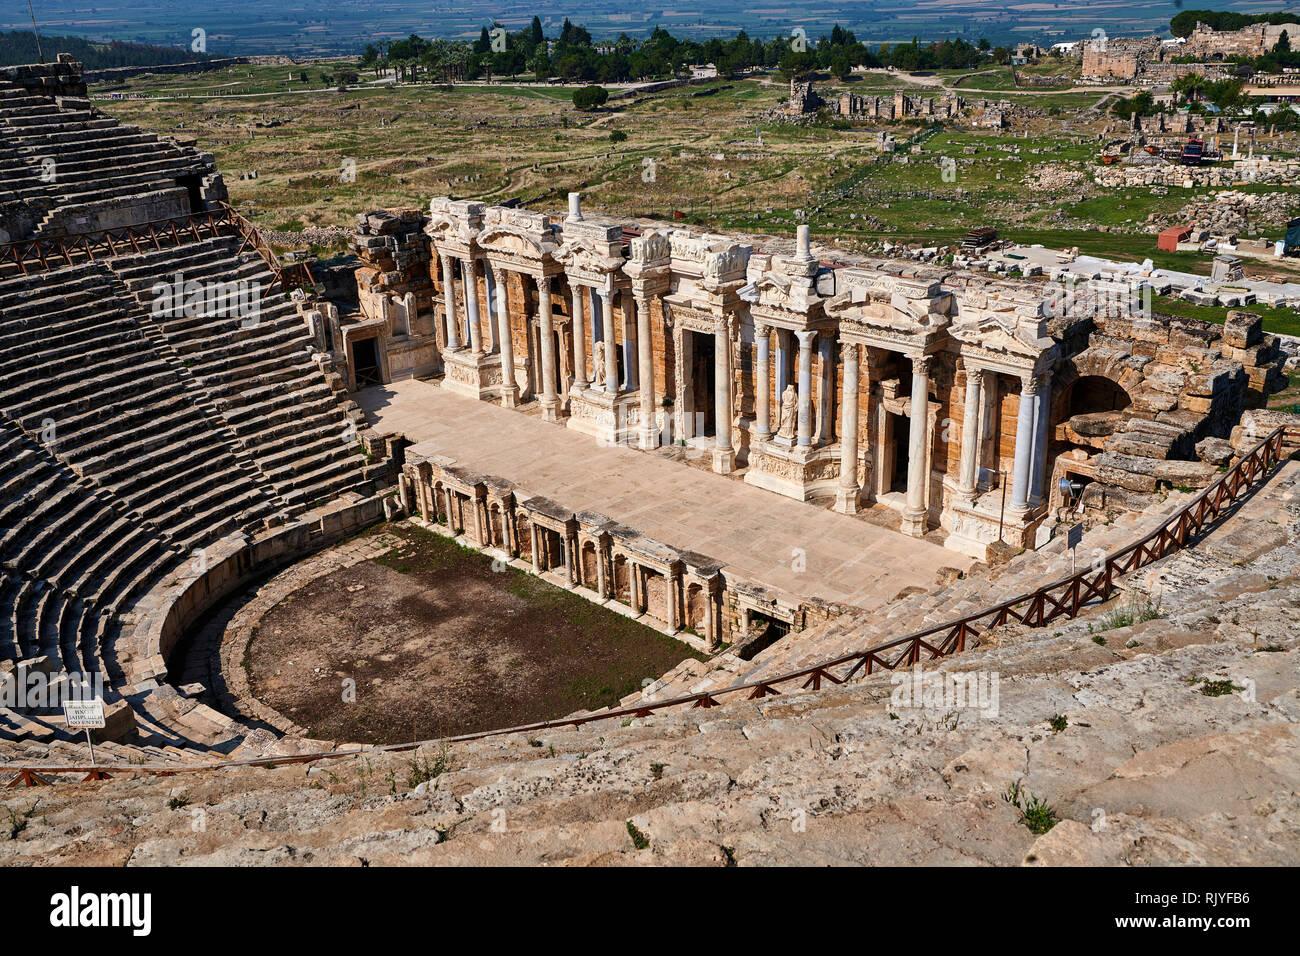 Imagen de un teatro romano reconstruido sobre un antiguo teatro griego bajo el reinado de Adriano tras el terremoto del 60 AD. La fachada es de 300 fee Foto de stock